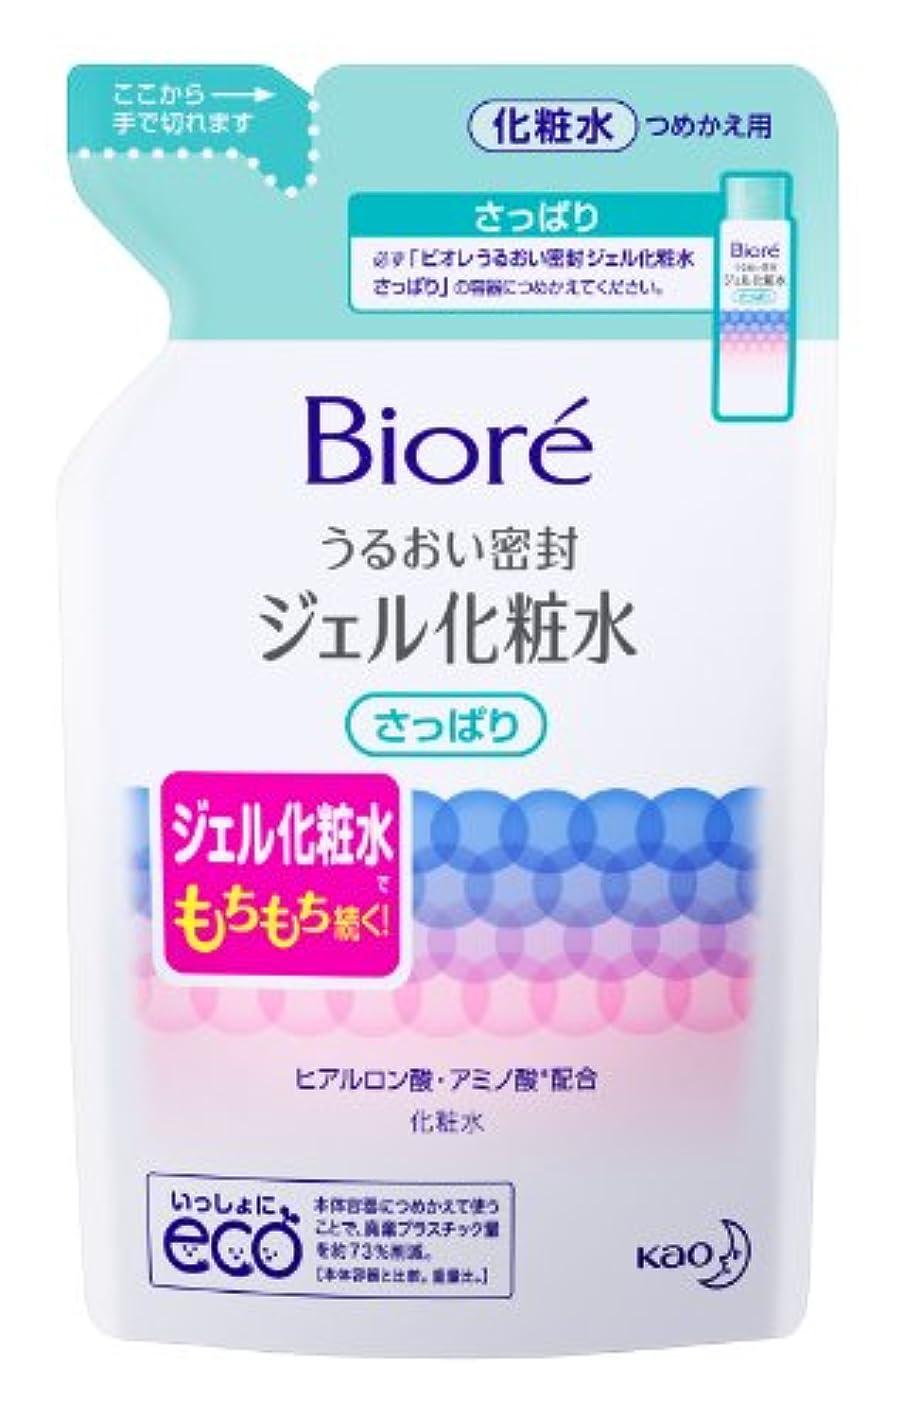 企業アイドル球体ビオレ うるおい密封 ジェル化粧水 さっぱり つめかえ